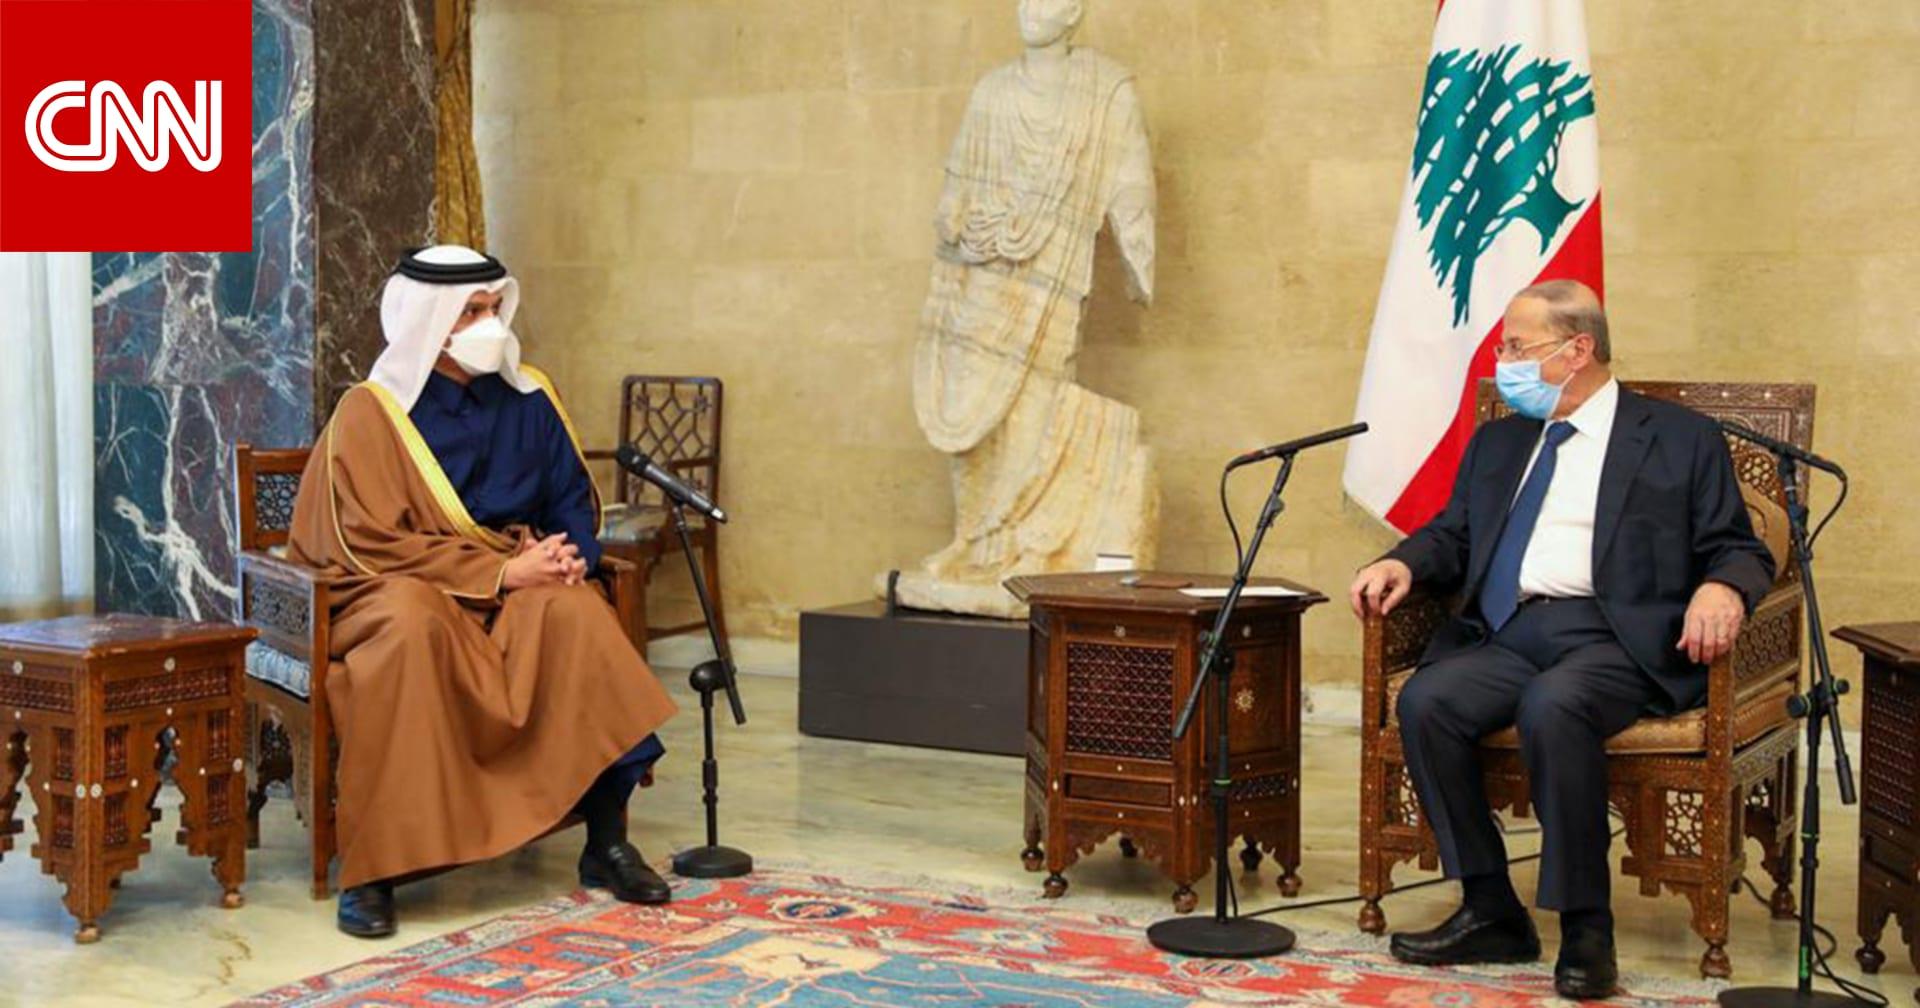 وزير خارجية قطر يوضح سبب عدم لقاء الحريري في لبنان.. ويدعو لتغليب المصلحة الوطنية